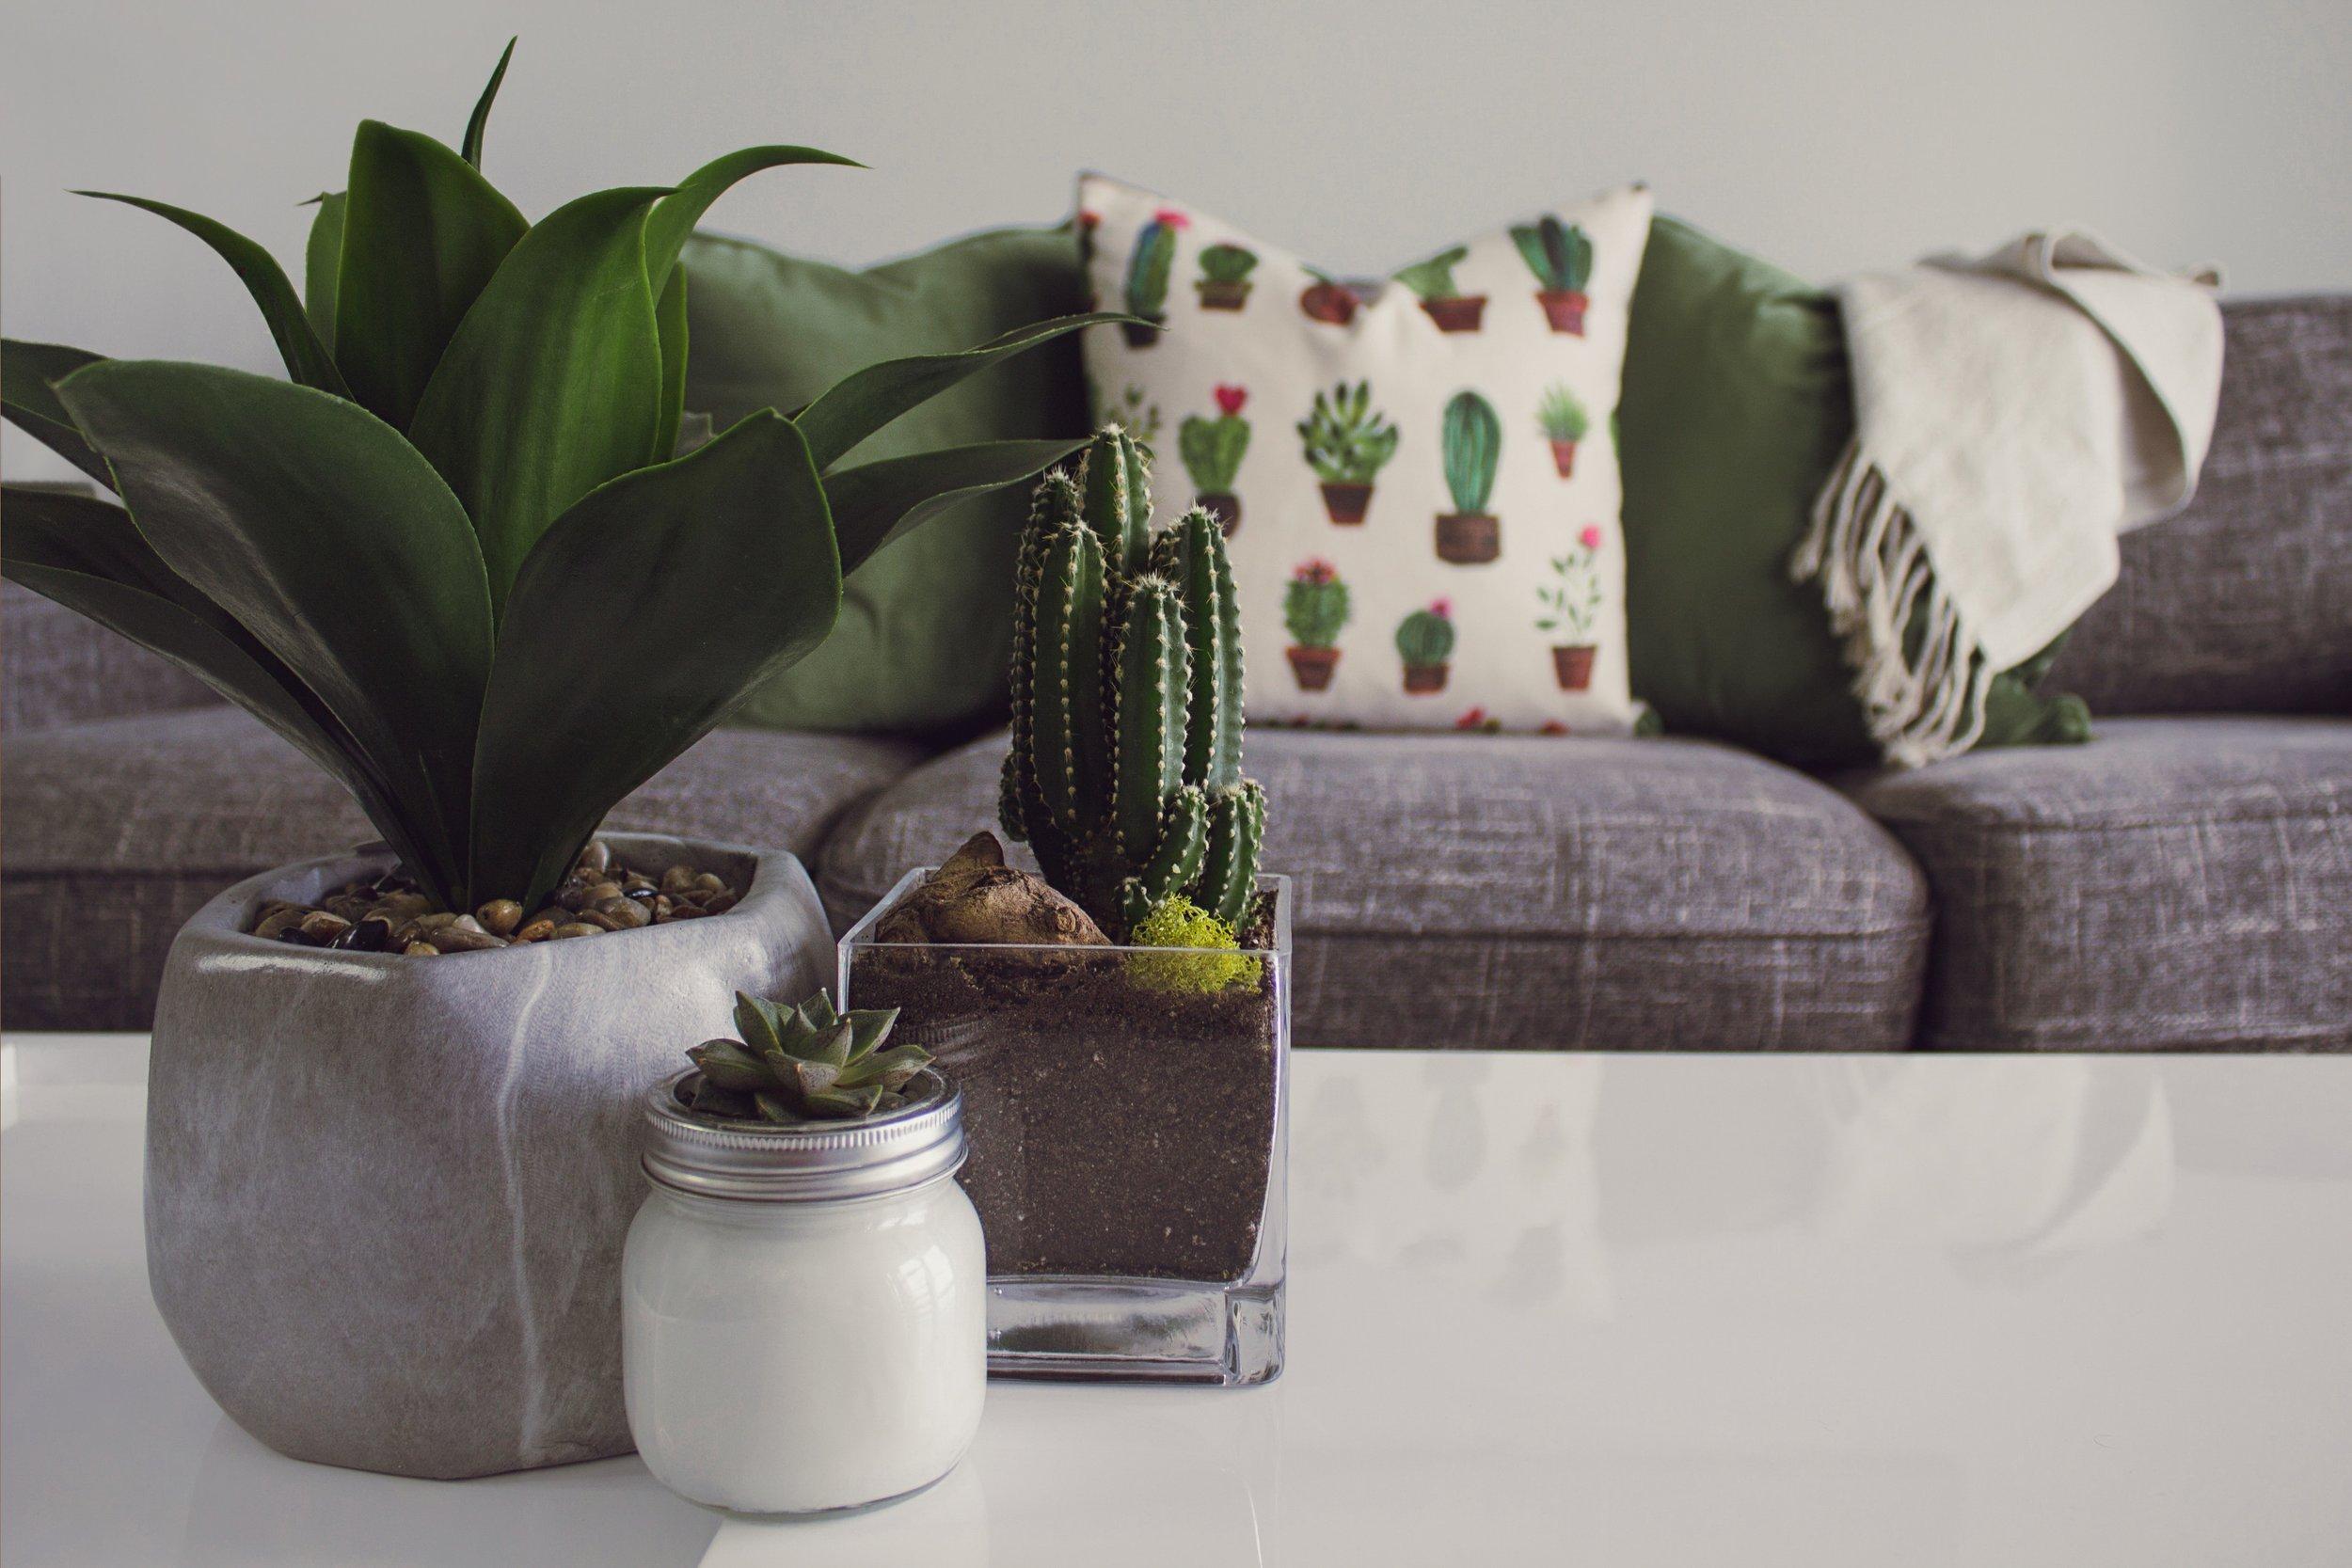 cactus-cactus-plant-contemporary-1005058.jpg